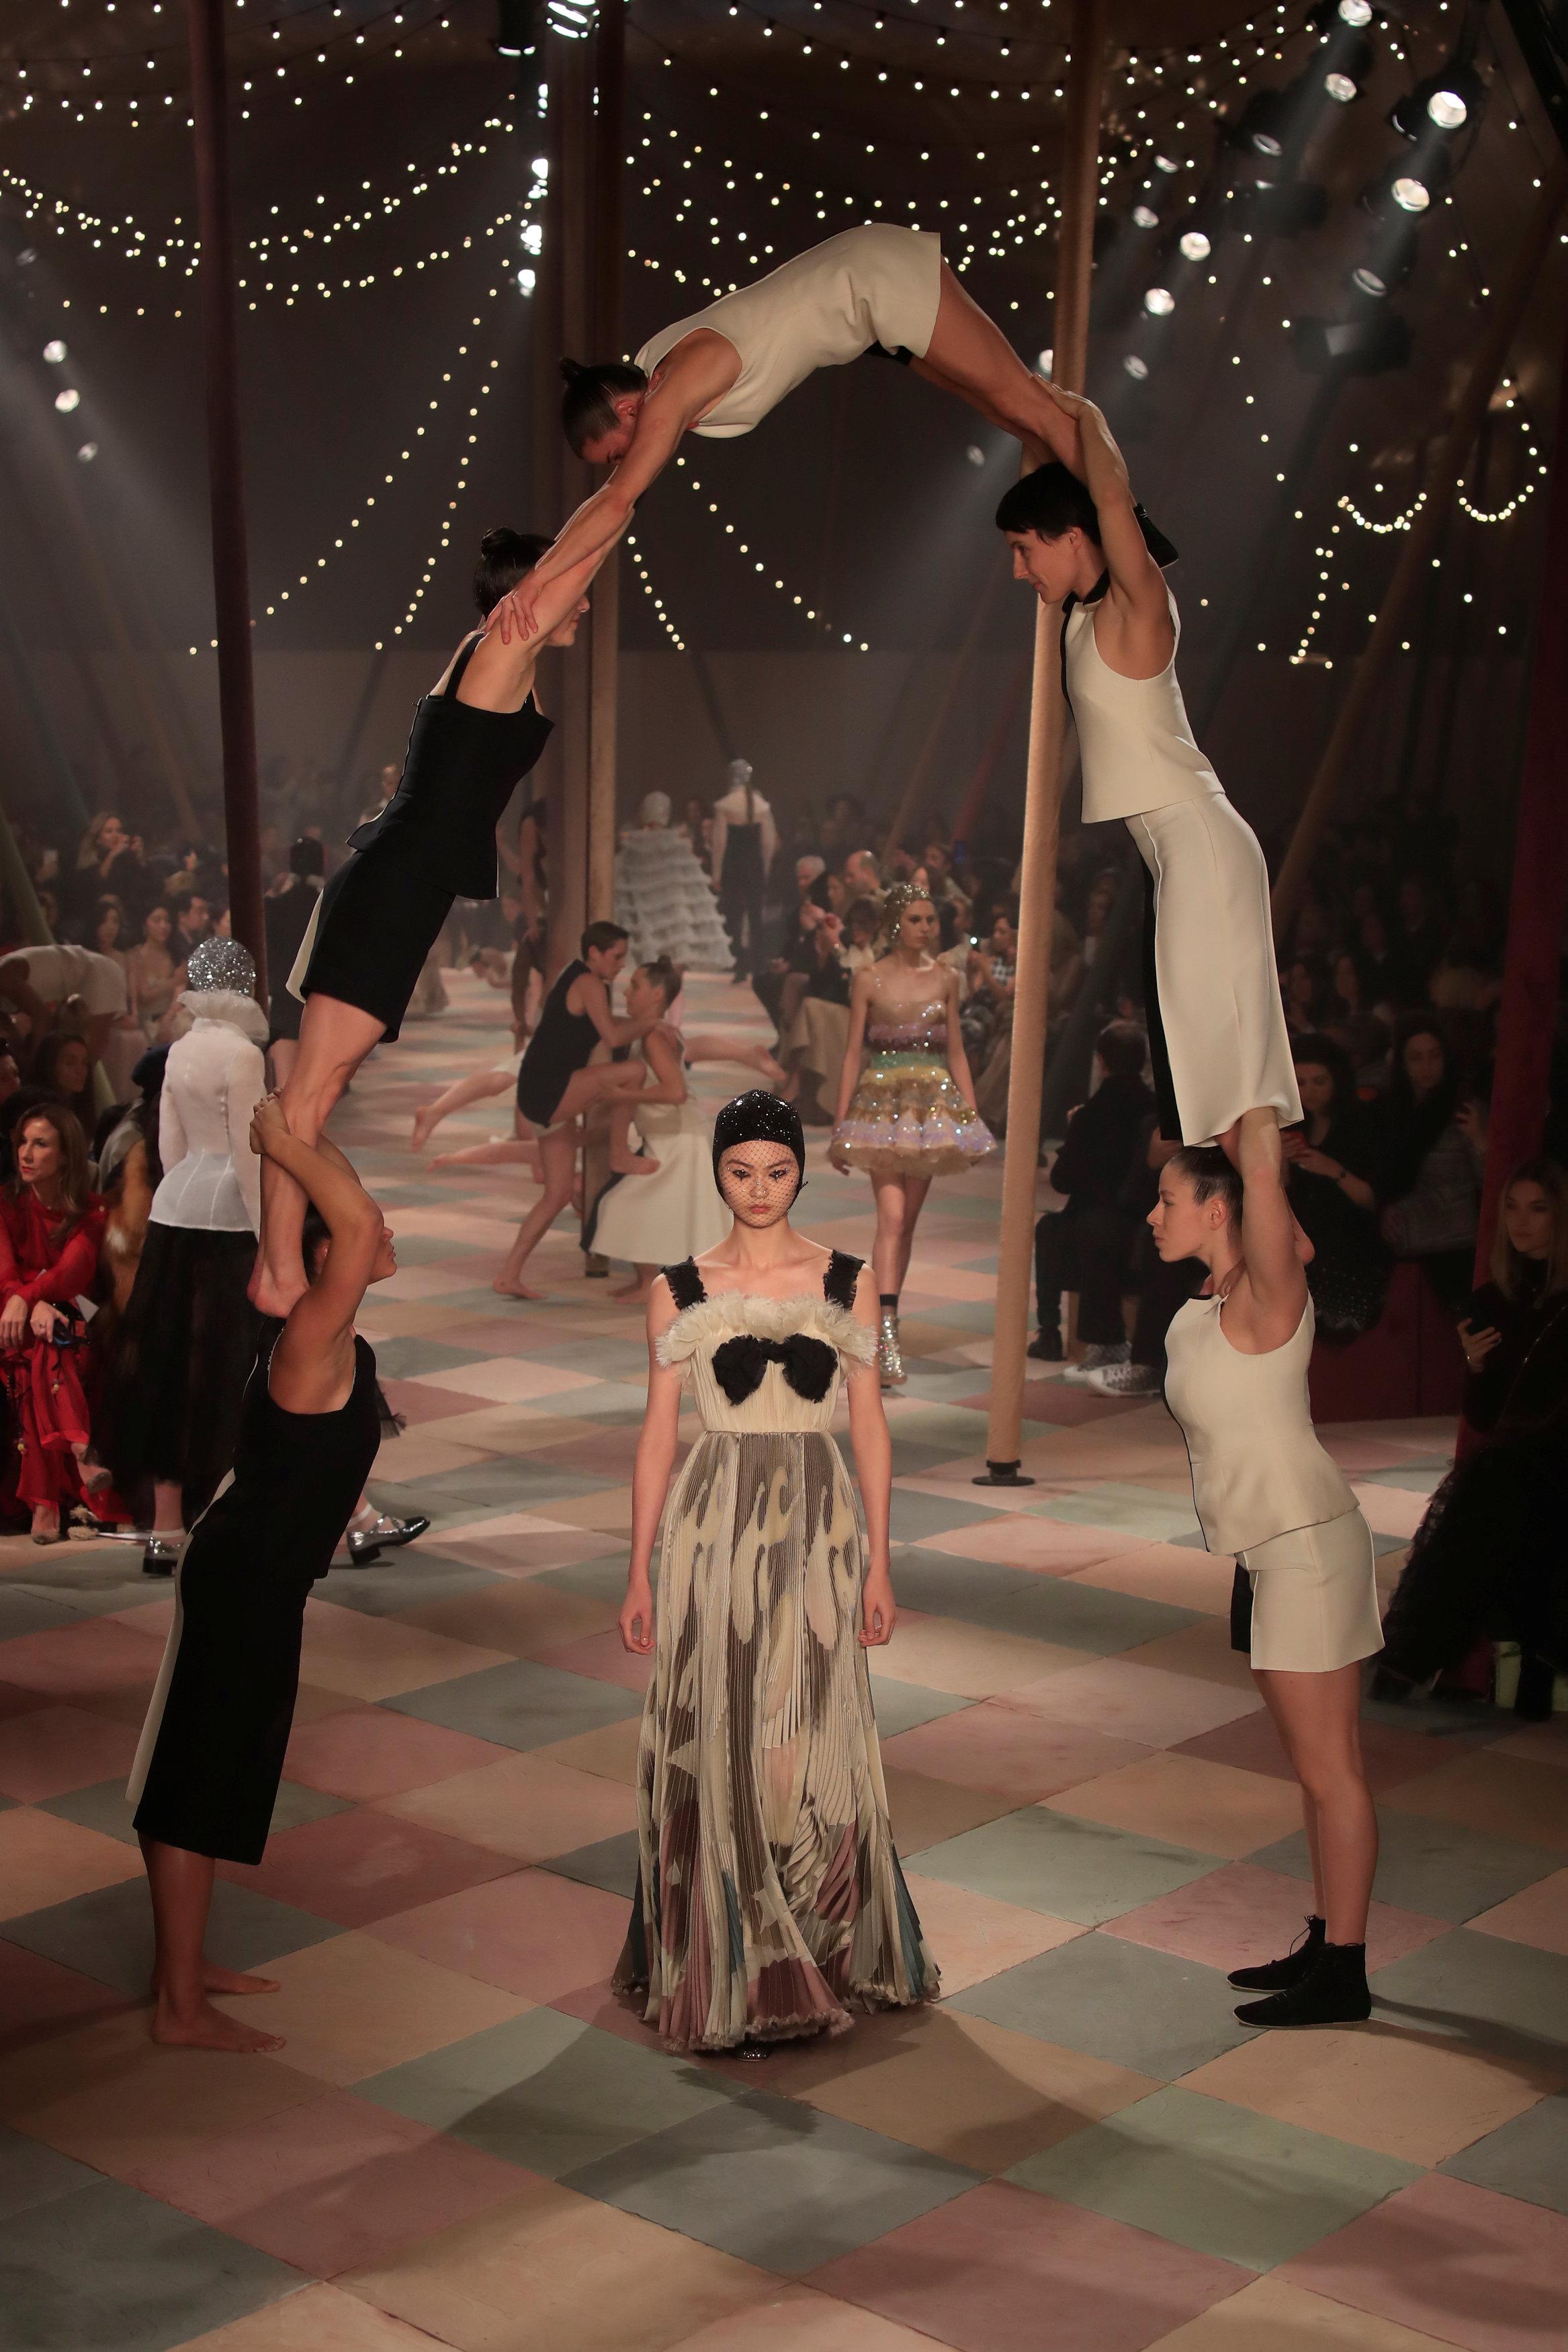 عرض أزياء ماكسيم سيمنز خلال أسبوع الموضة بباريس (5)